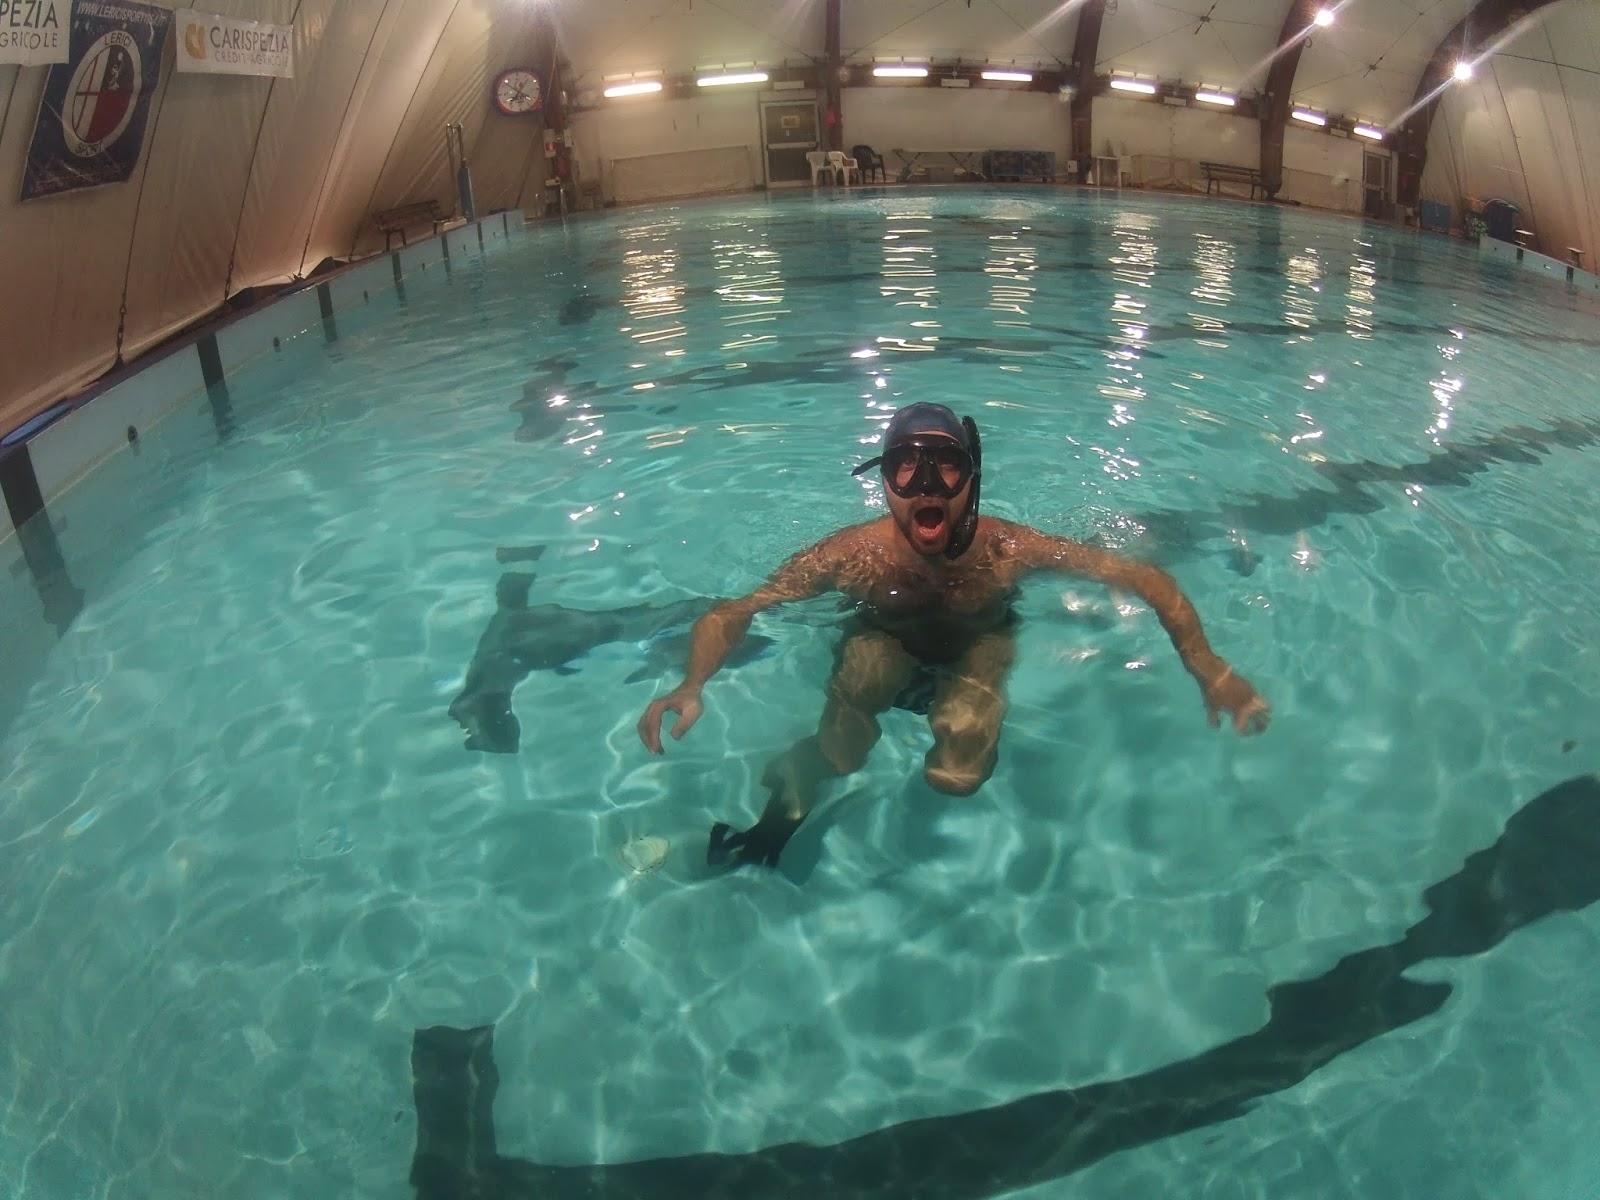 La trib diving academy sempre operativissimi - Dive per sempre ...